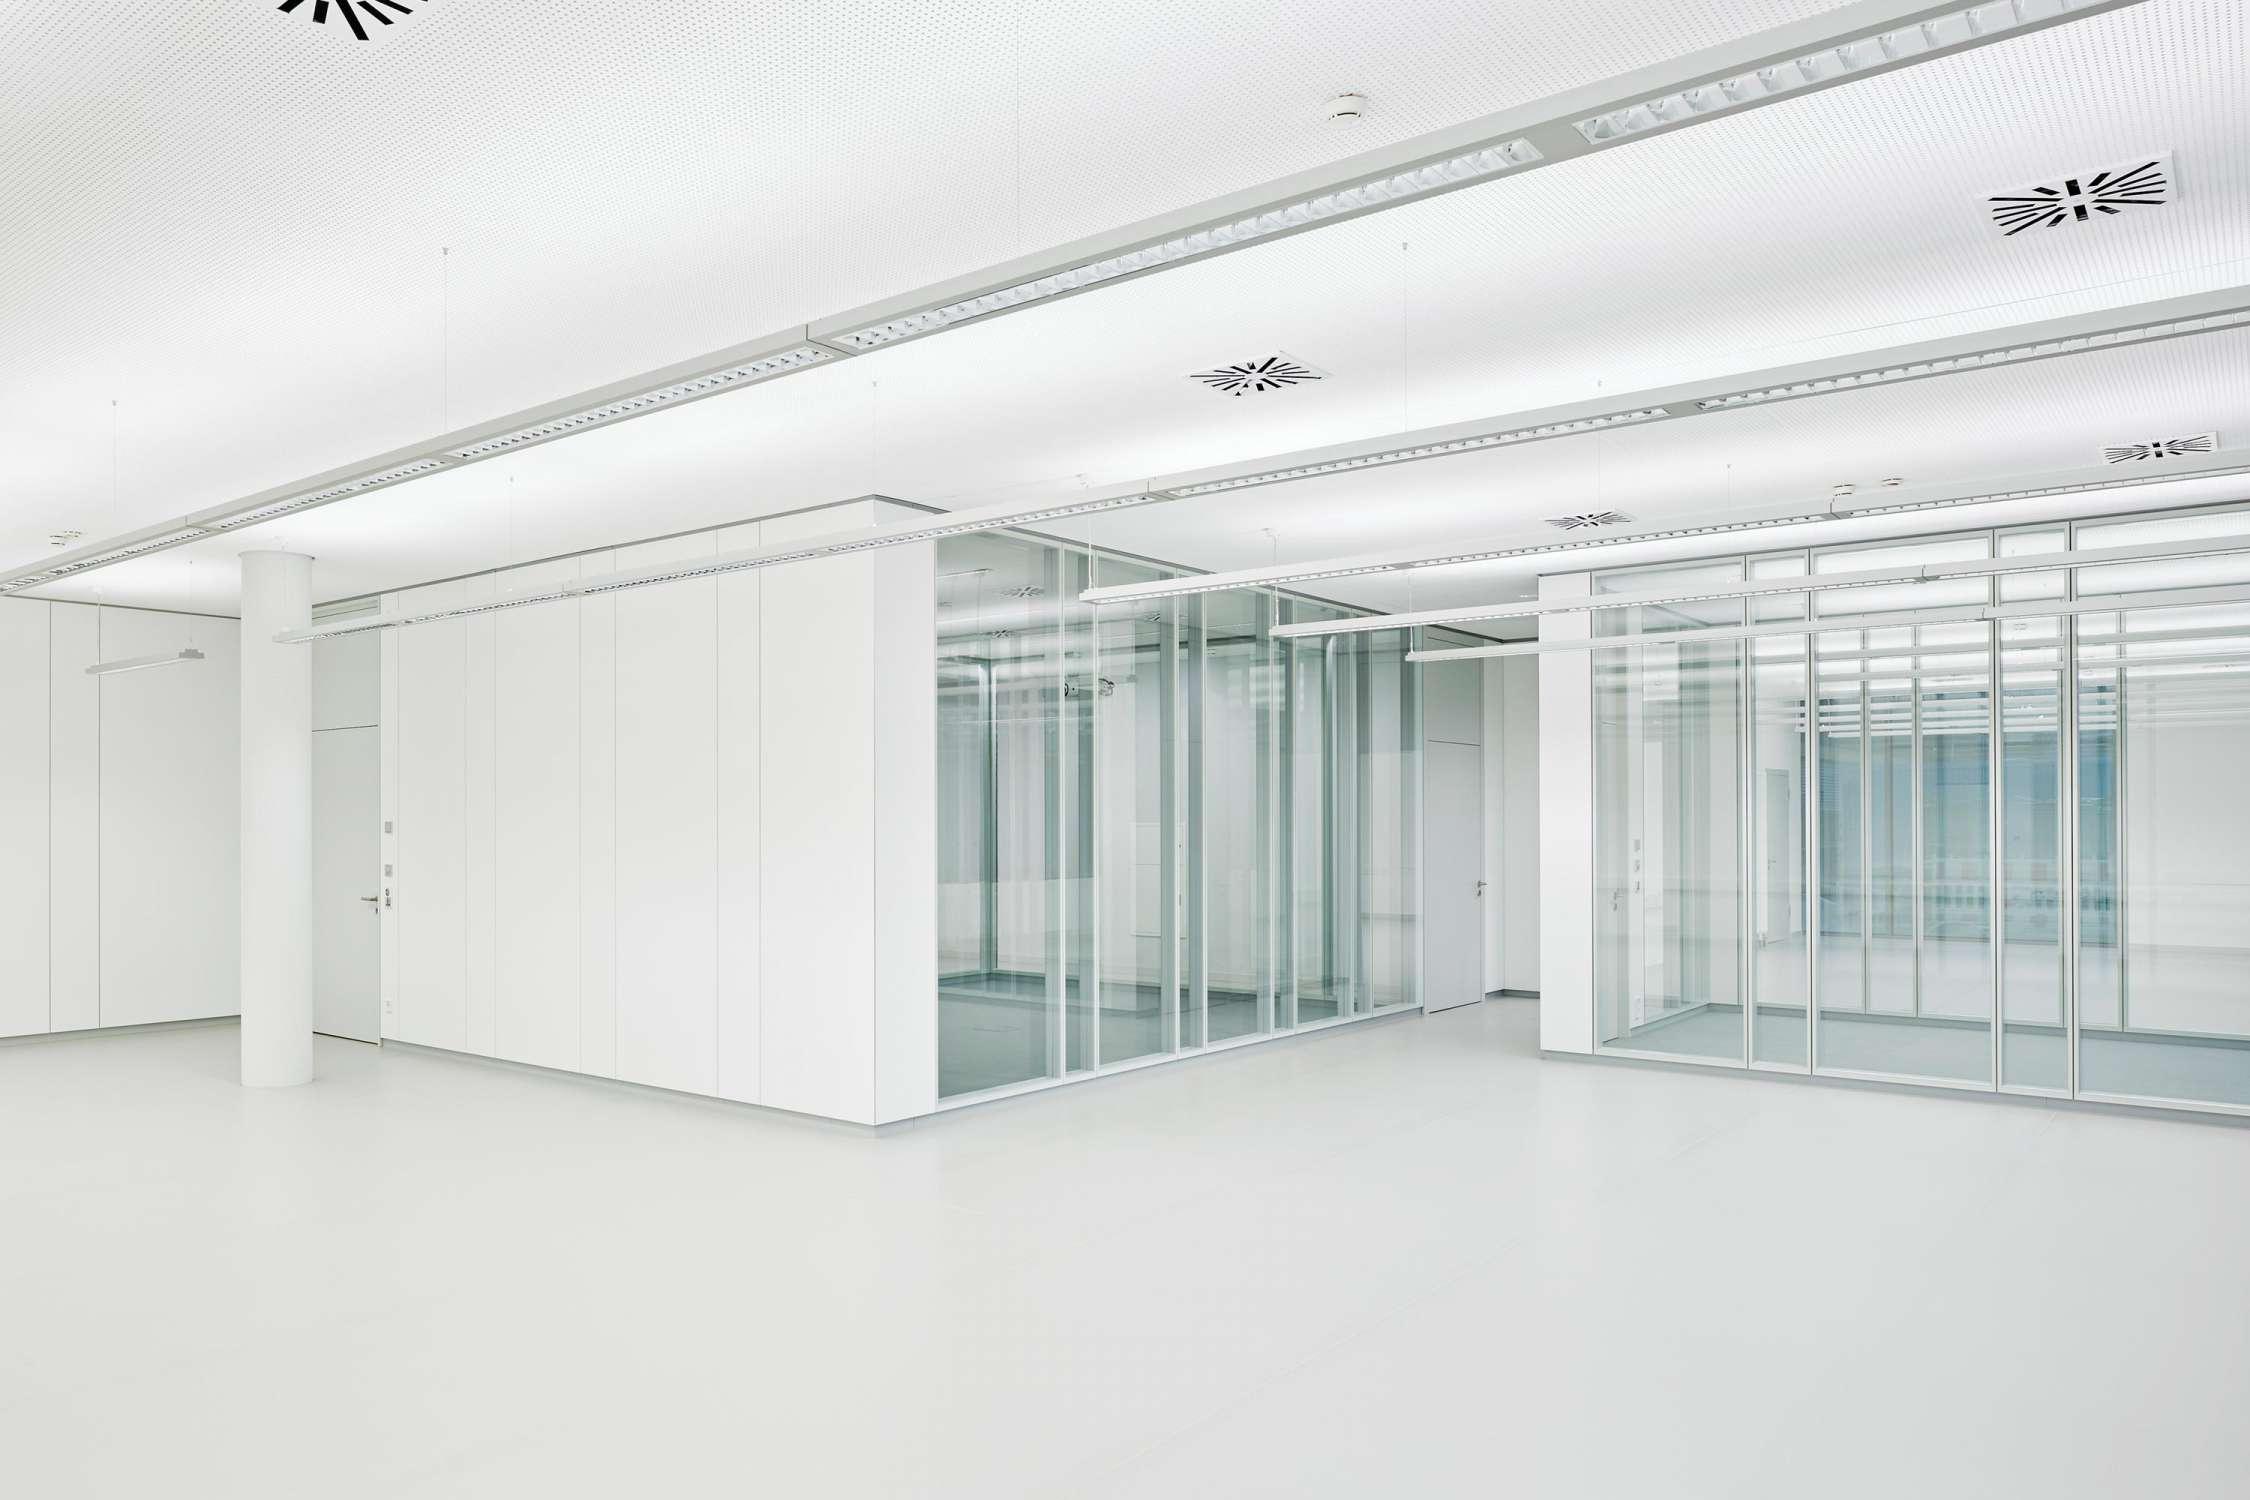 Büro- und Verwaltungsgebäude (12)